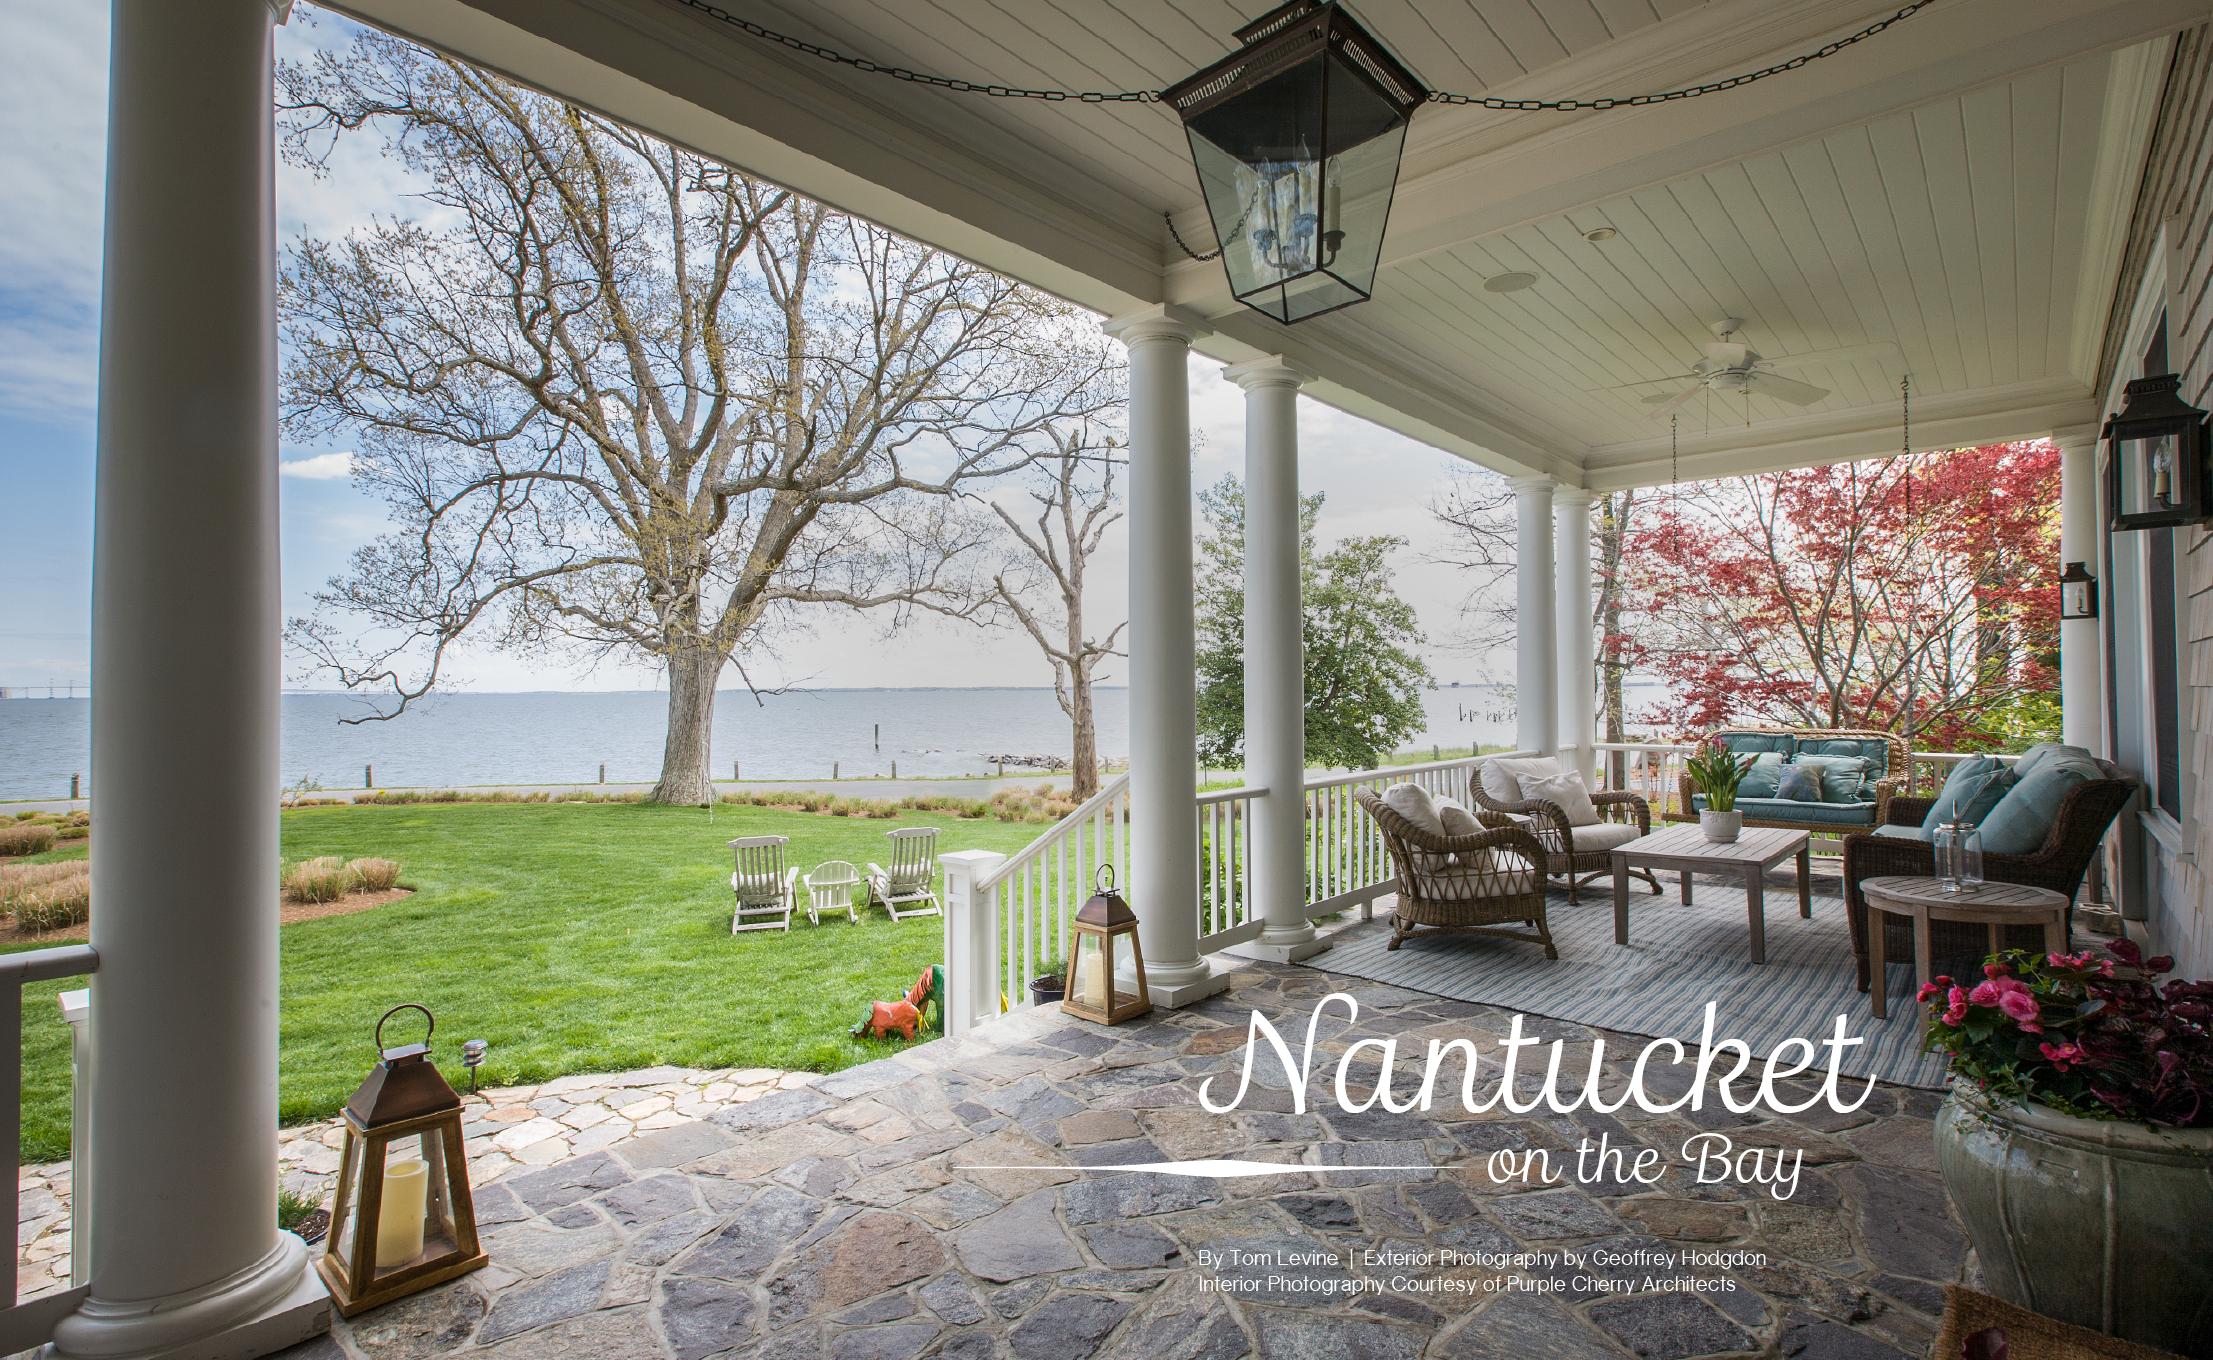 NantucketTitle